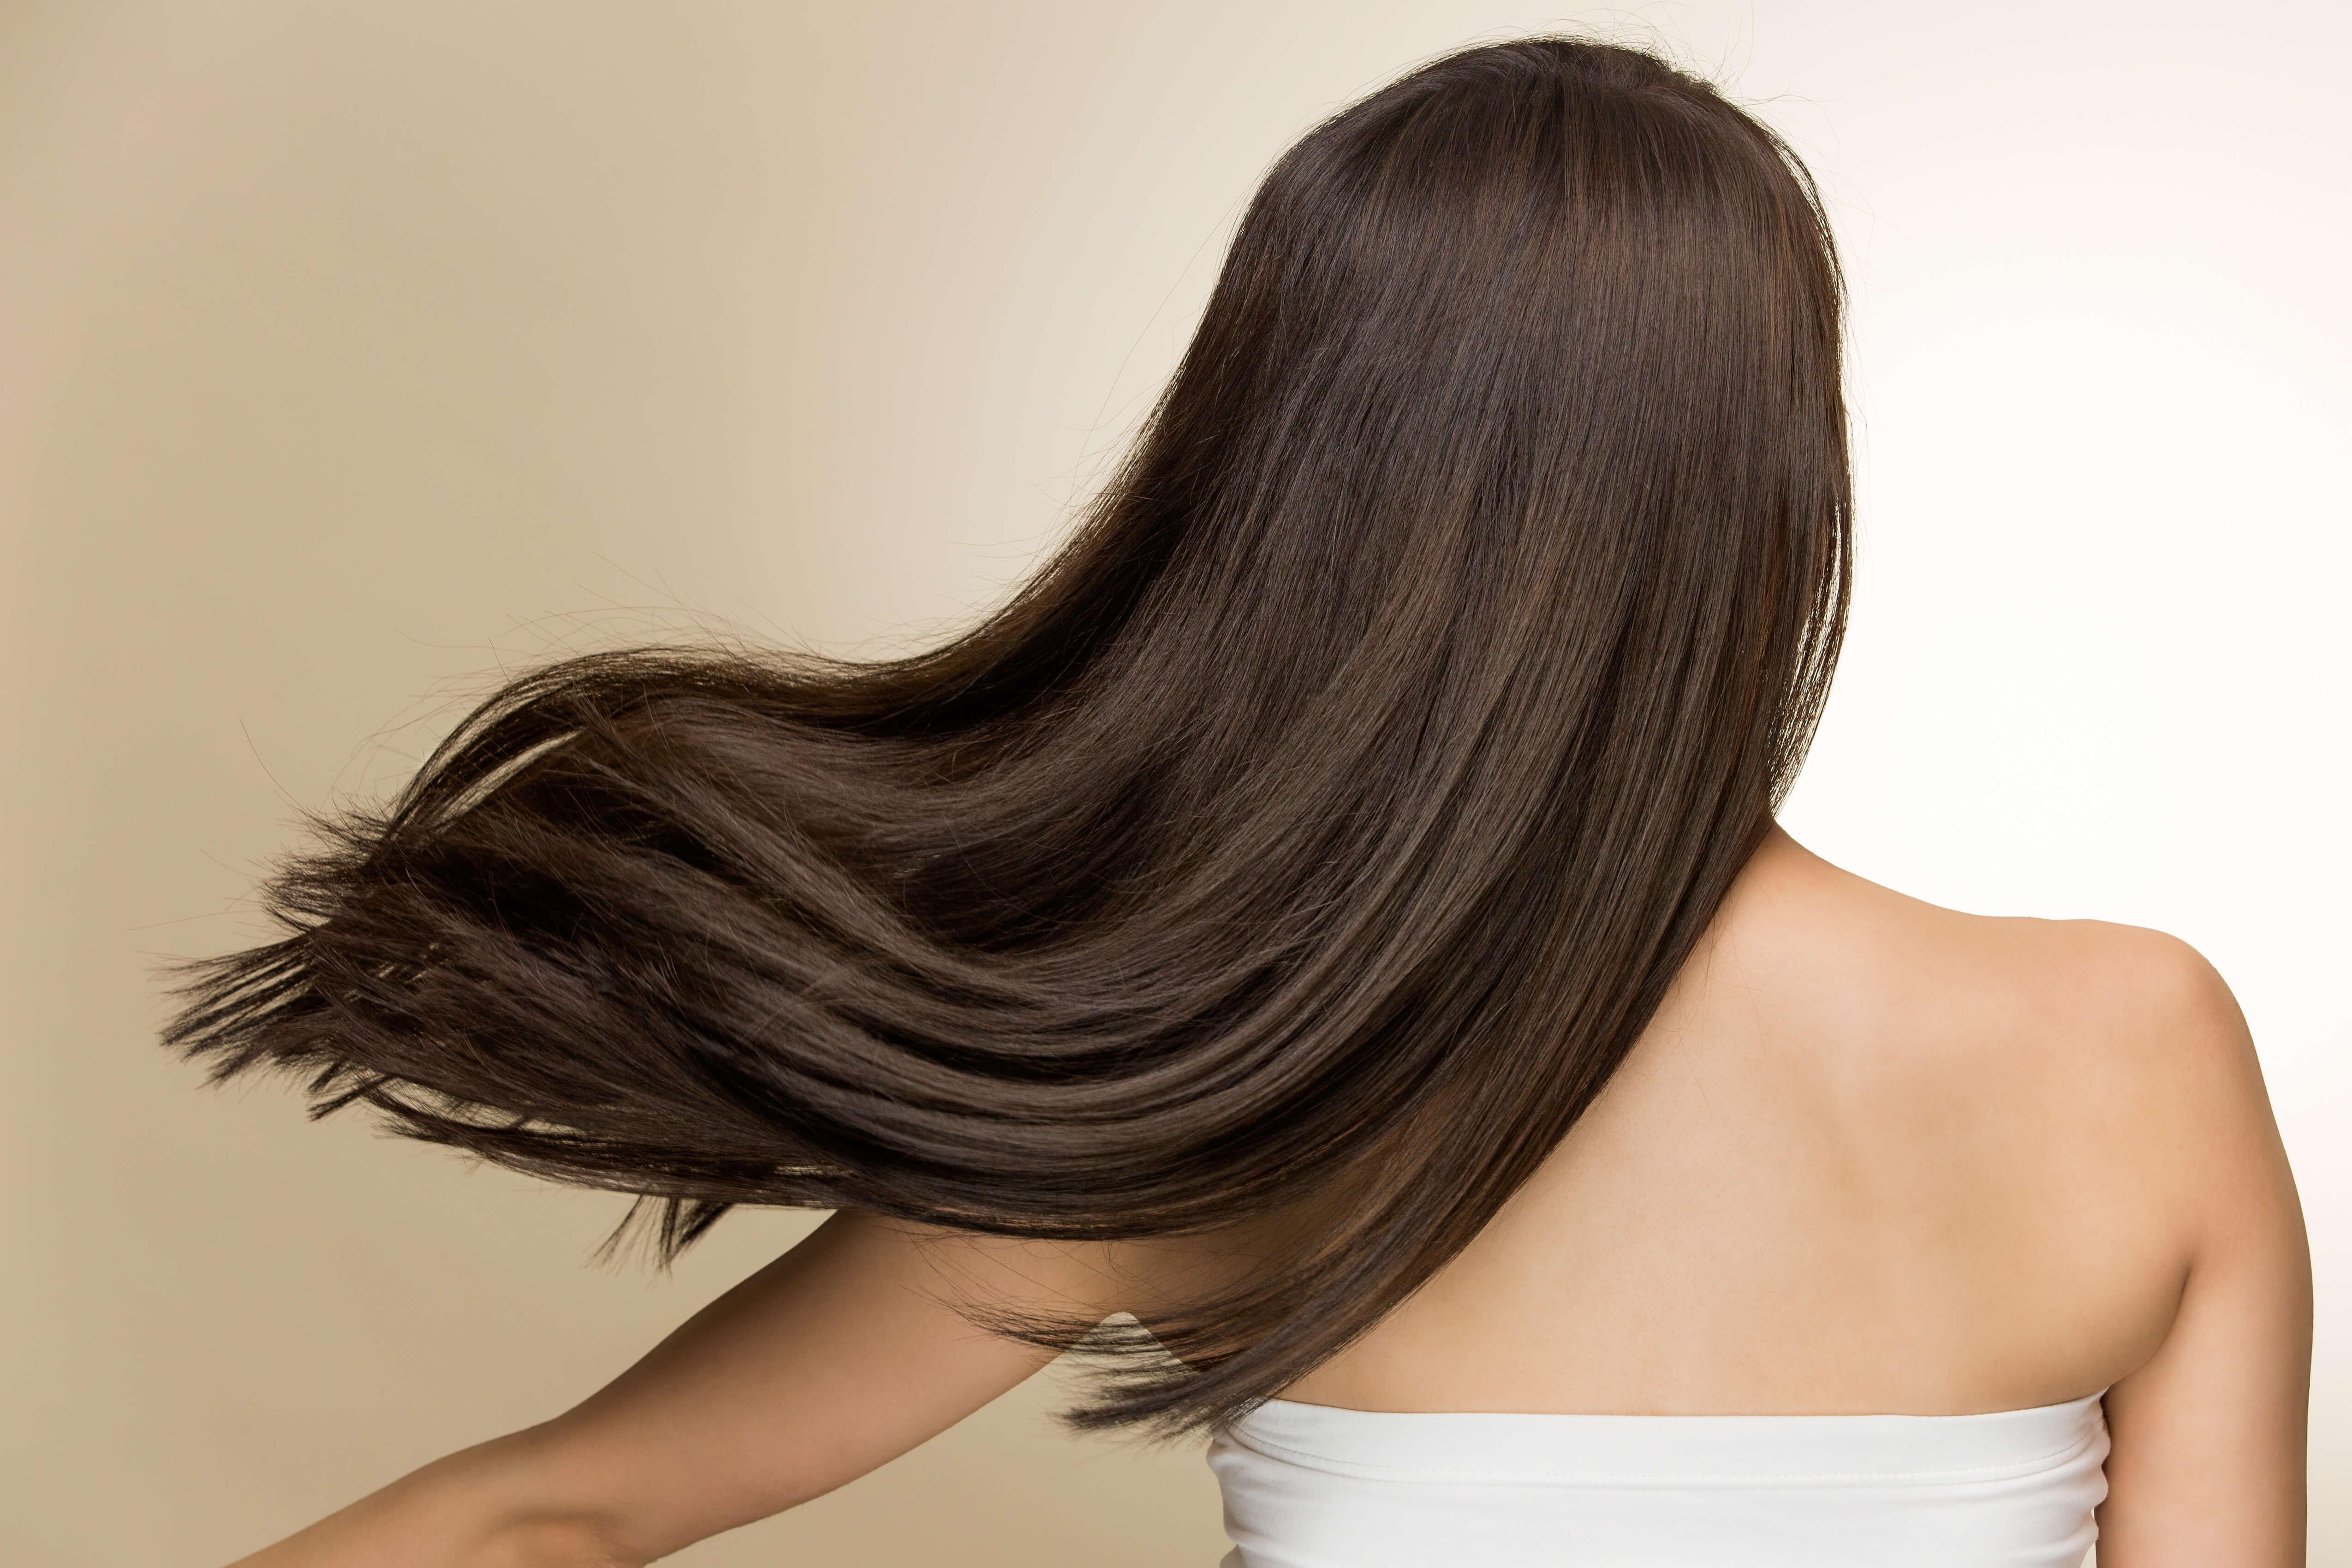 キューティクルを復活!ダメージヘアを補修する3つの方法 -美頭皮のすすめ-